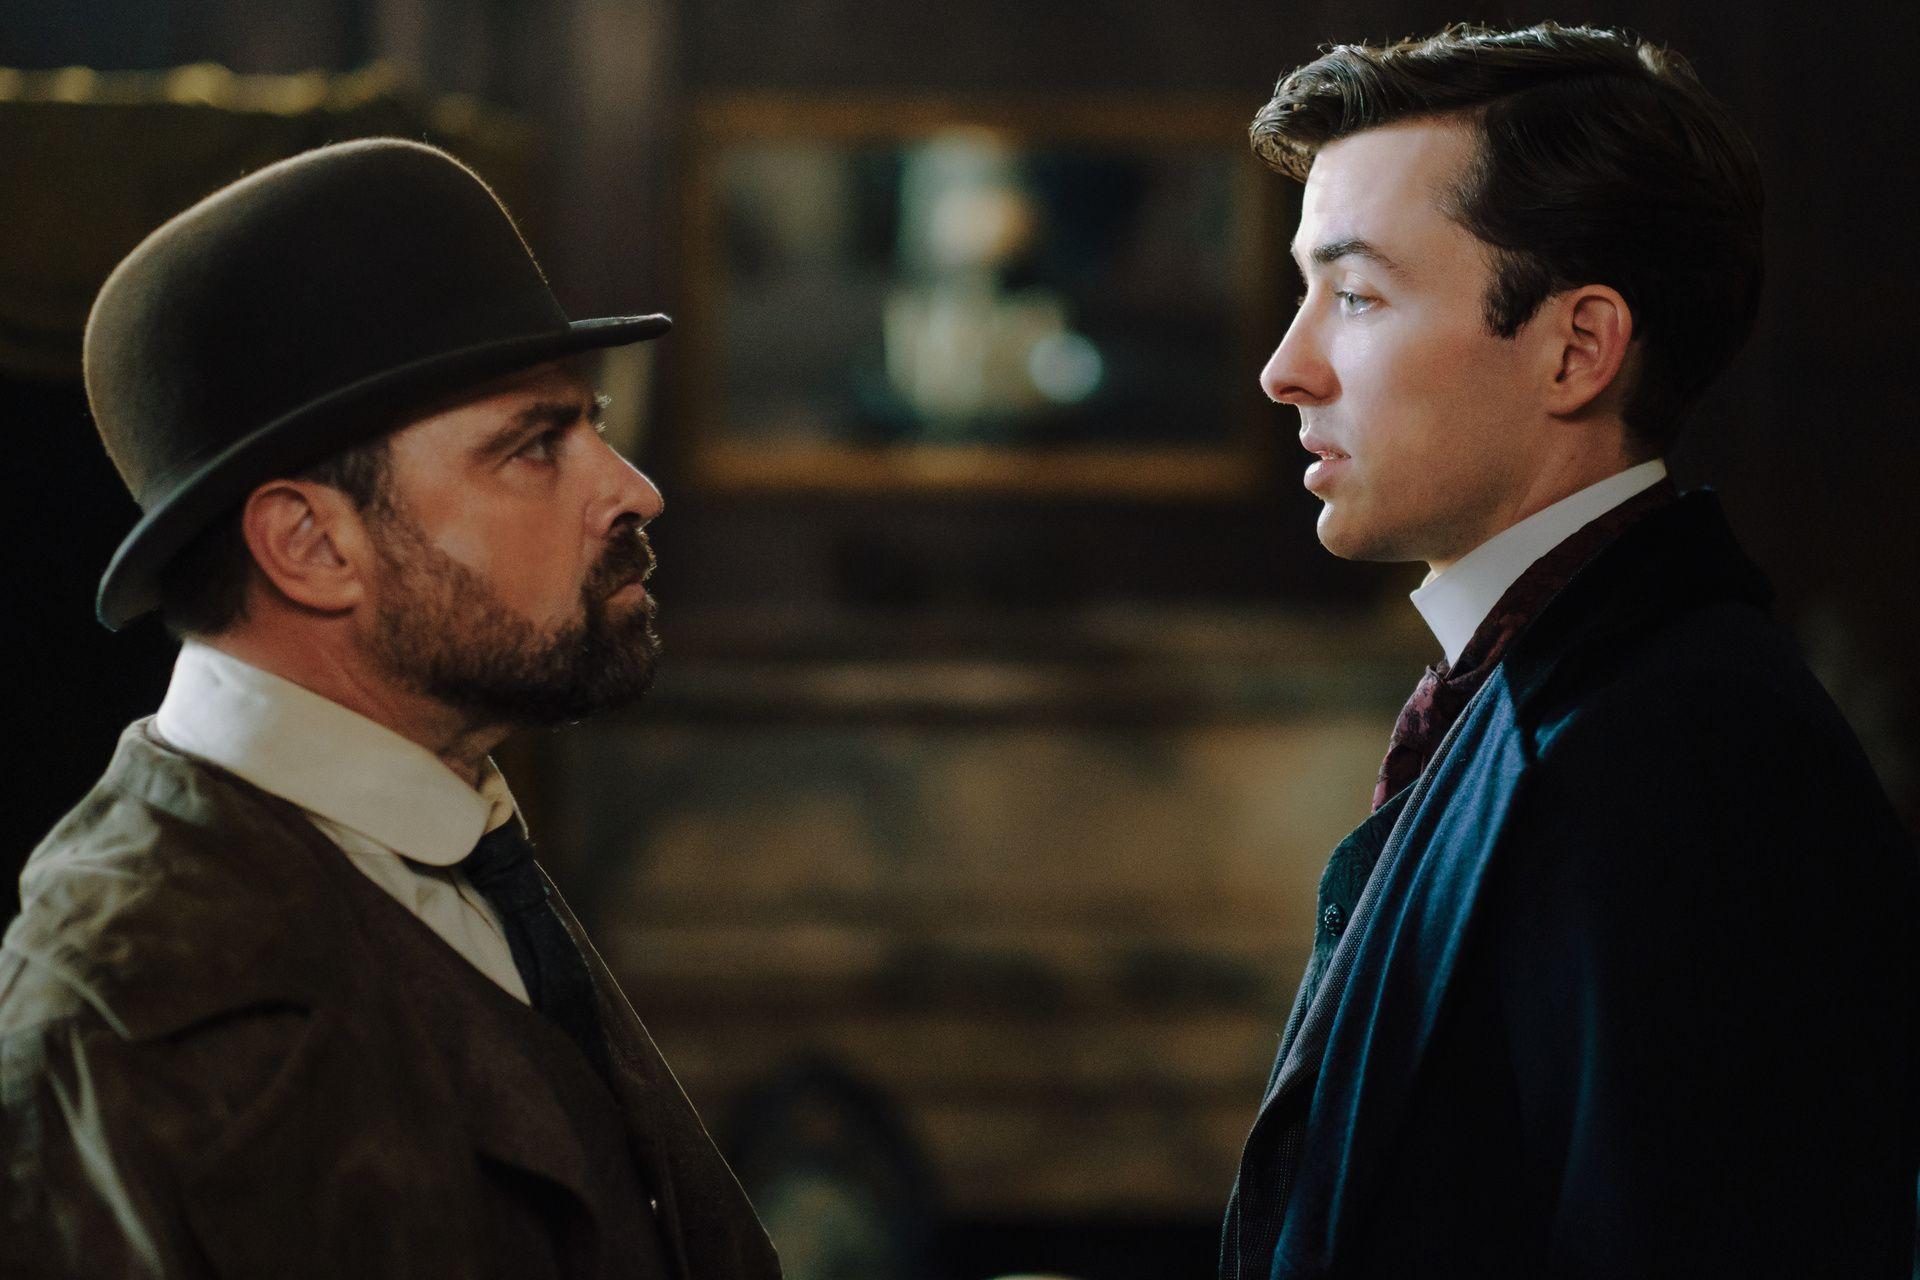 Der Inspector Max Liebermann (Matthew Beard, r.) und Forensiker Oskar Rheinhardt (Juergen Maurer, l.) führen gerne Streitgespräche.